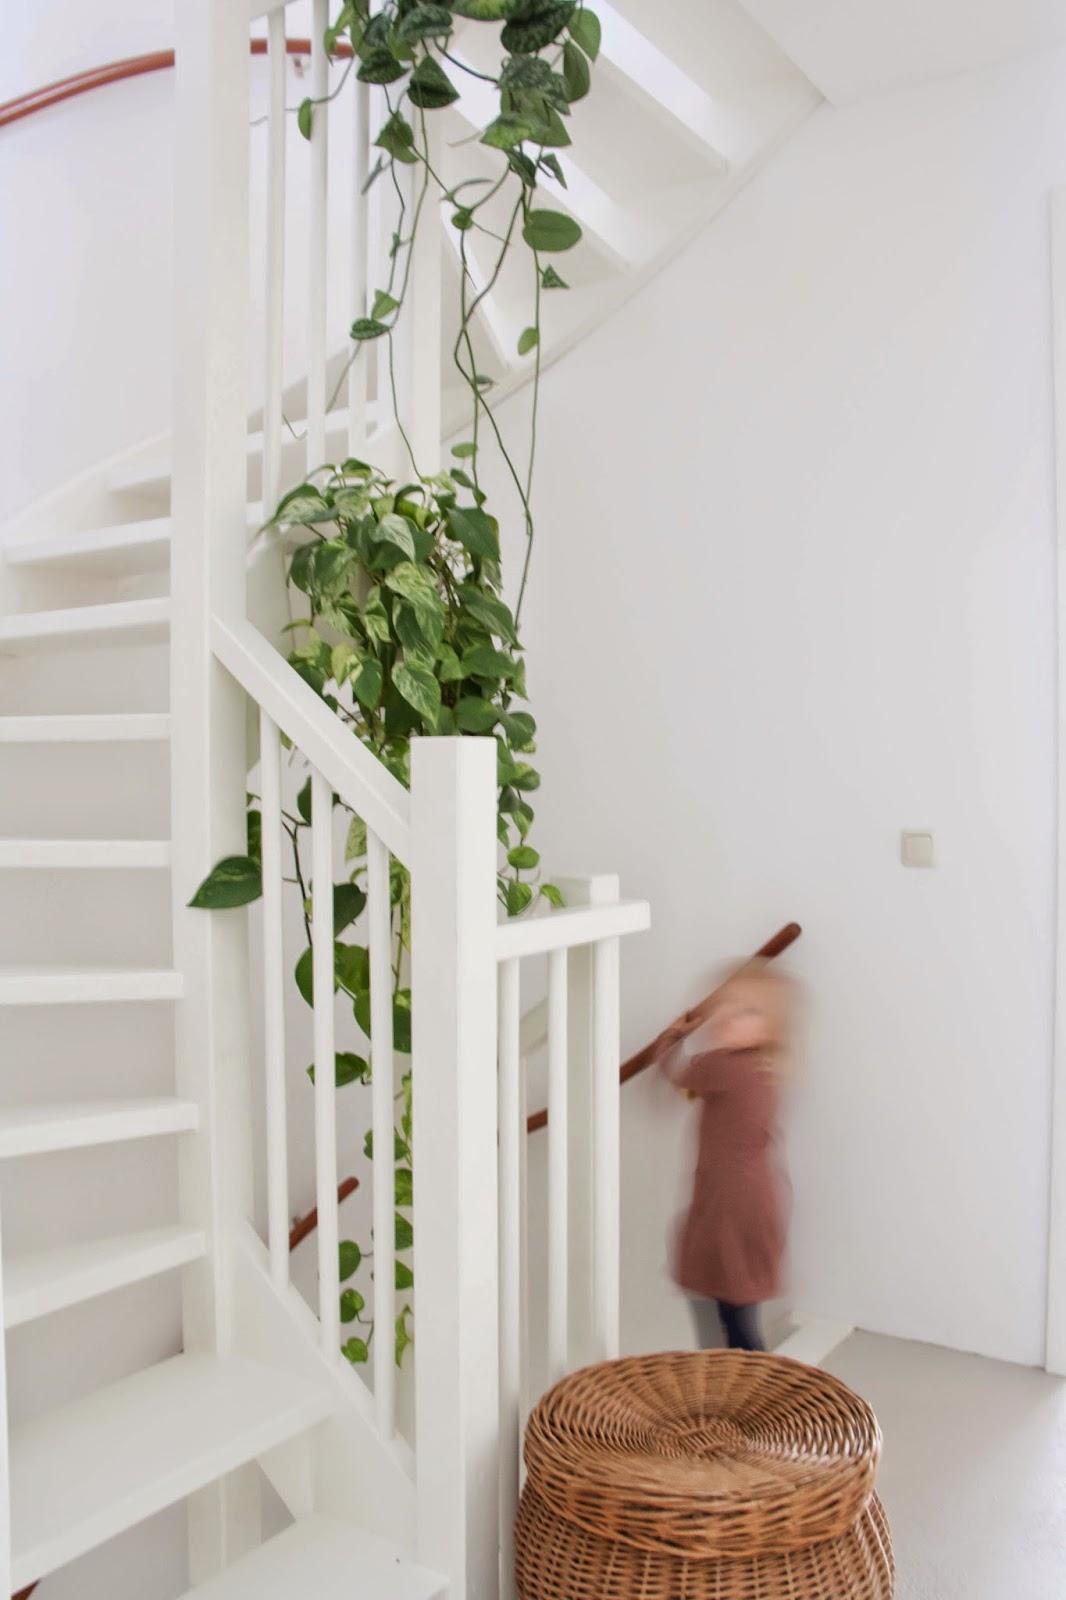 Interieur inspiratie | Styling van het trappenhuis en traprenovatie - Woonblog Stijlvol Styling.com (Stairs styling)